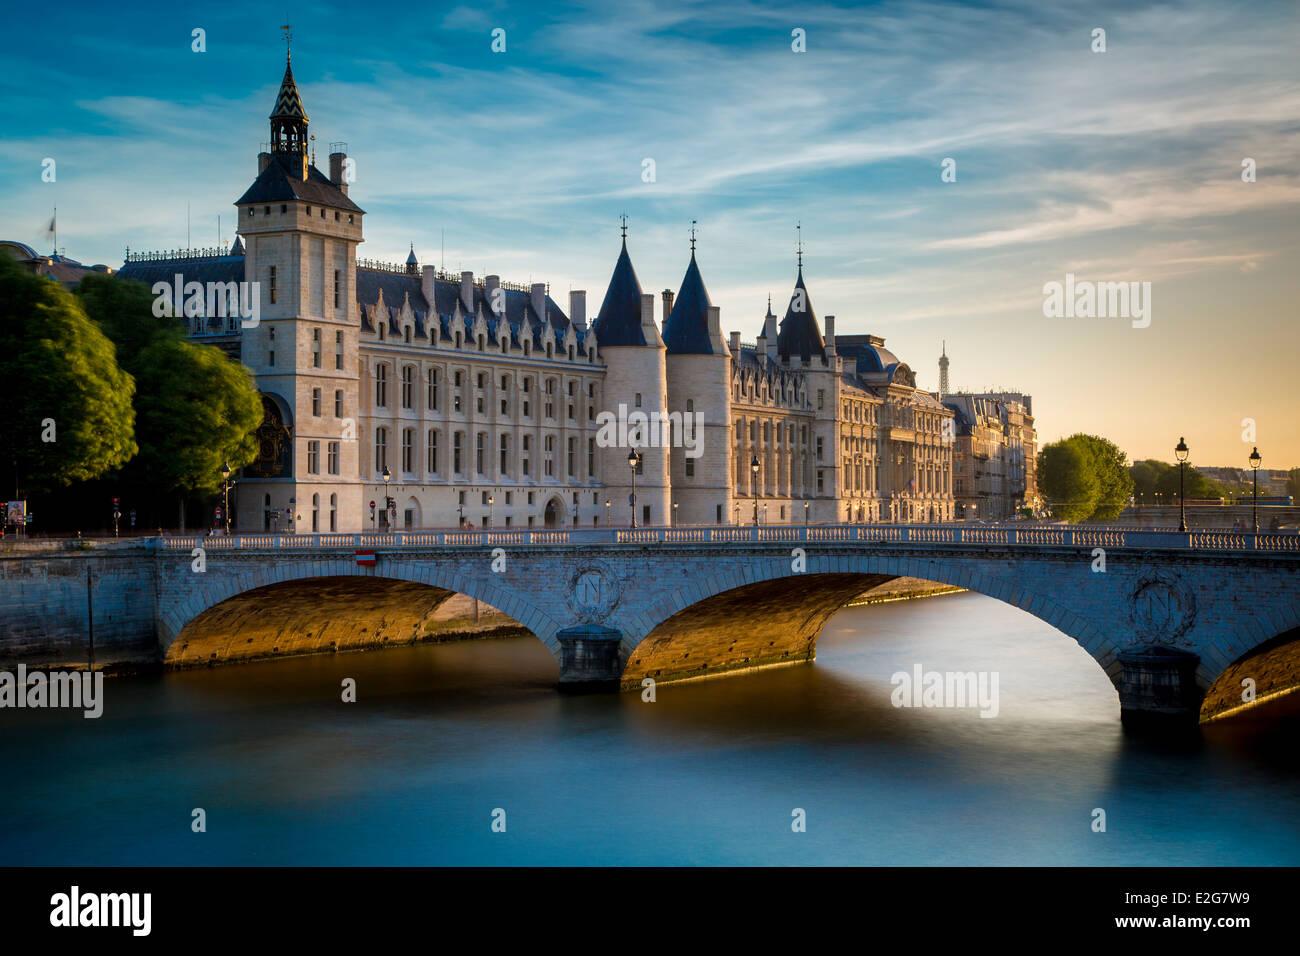 The Conciergerie, Pont au Change and River Seine, Paris France - Stock Image